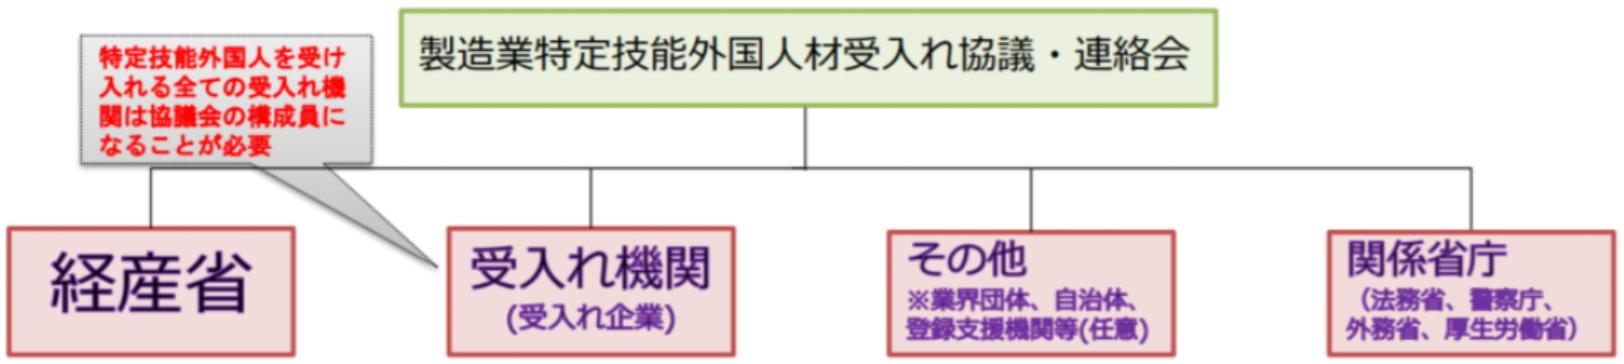 製造業特定技能外国人材受入れ協議・連絡会